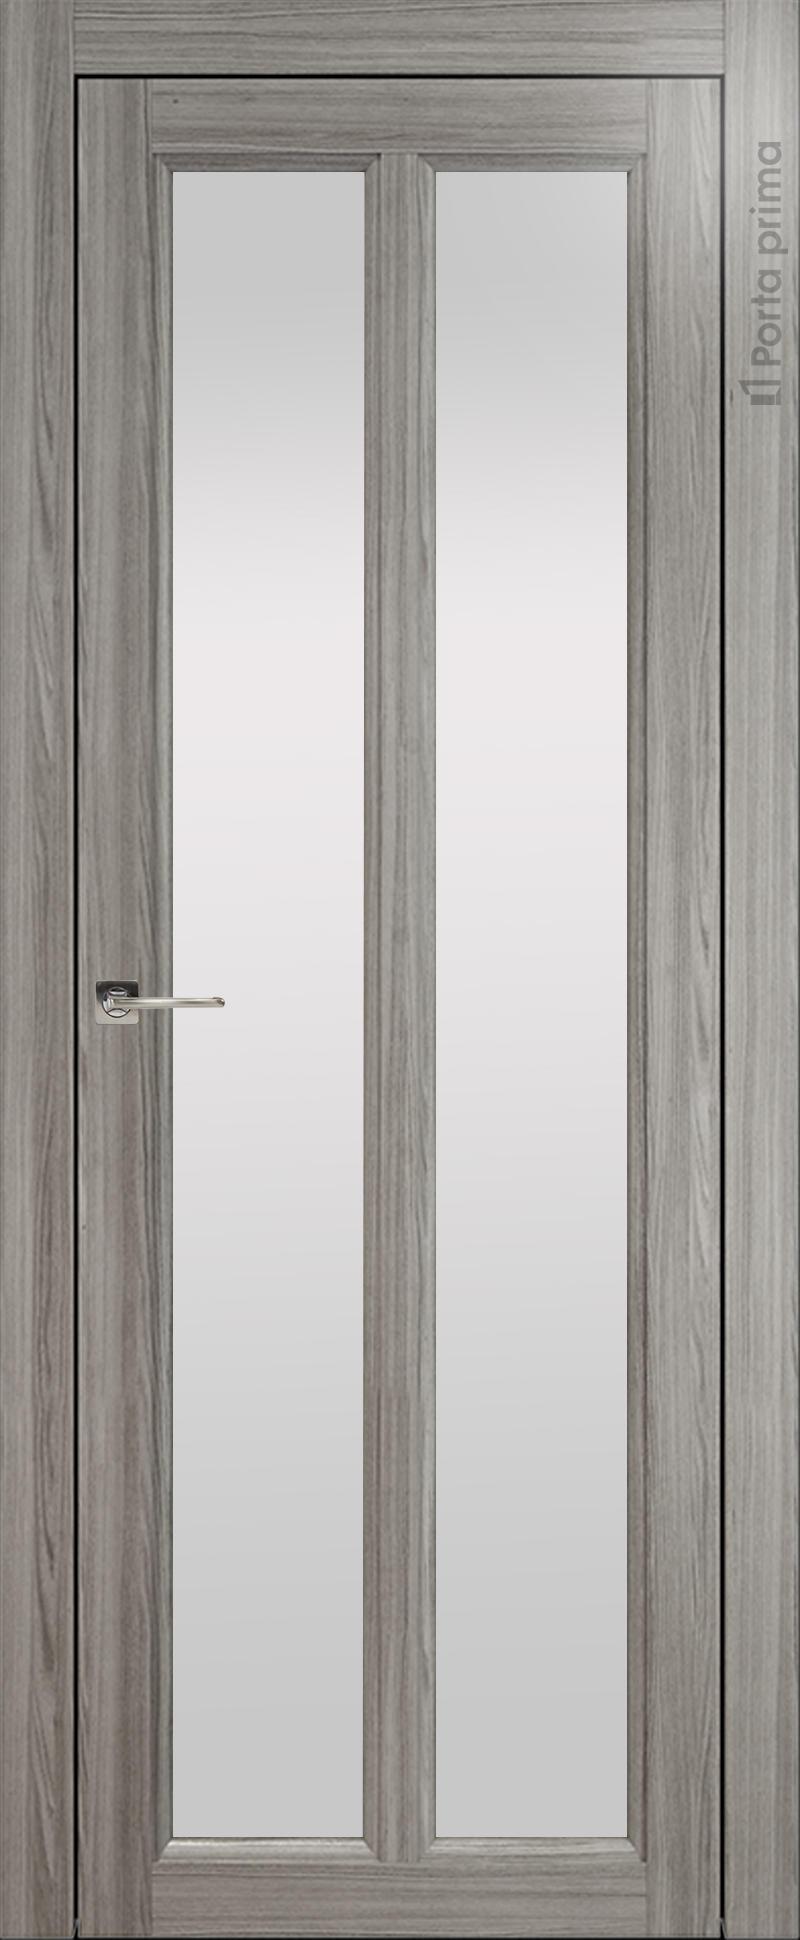 Sorrento-R Д4 цвет - Орех пепельный Со стеклом (ДО)